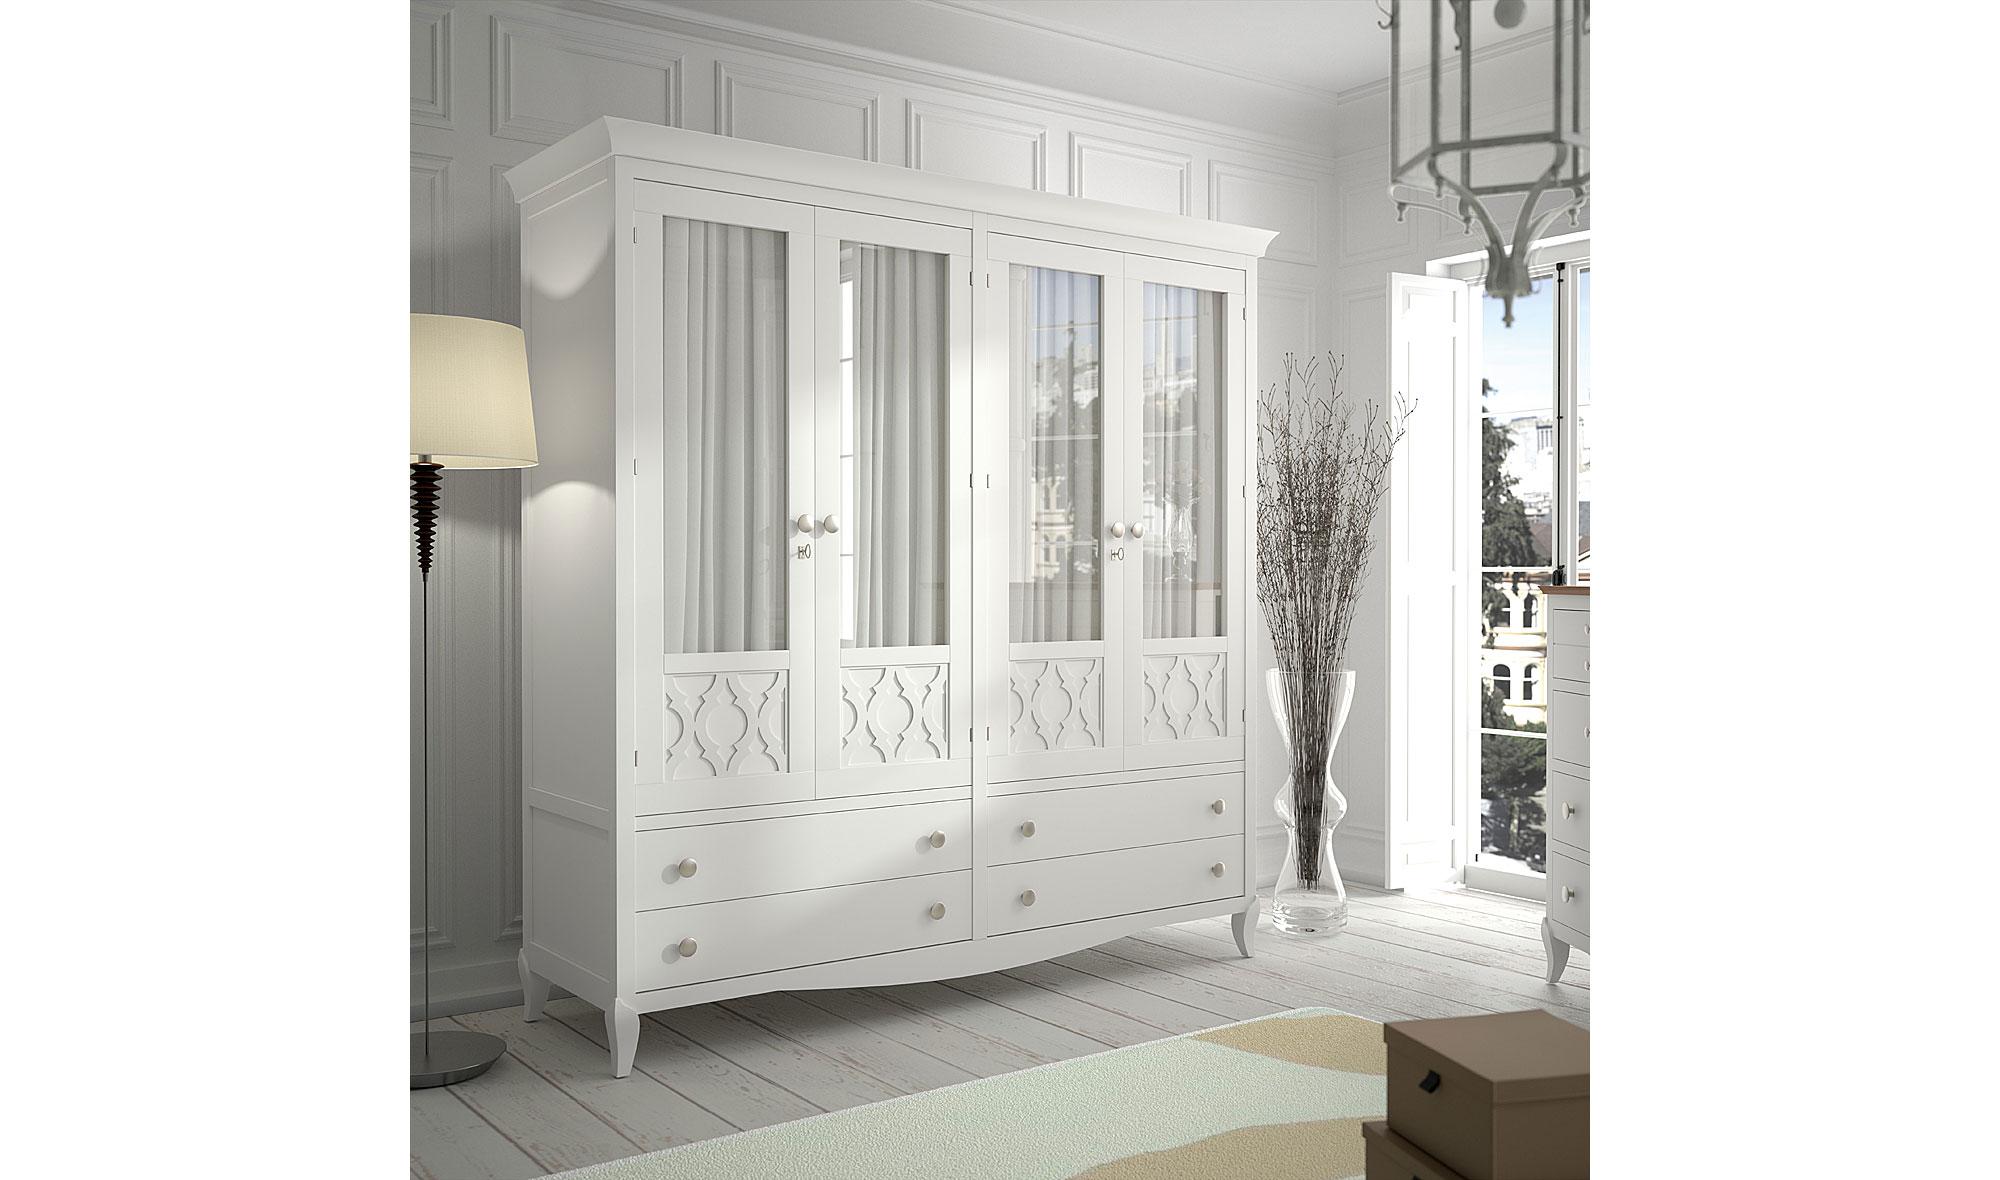 Armario vintage provenzal basilea de lujo en for Muebles salon provenzal